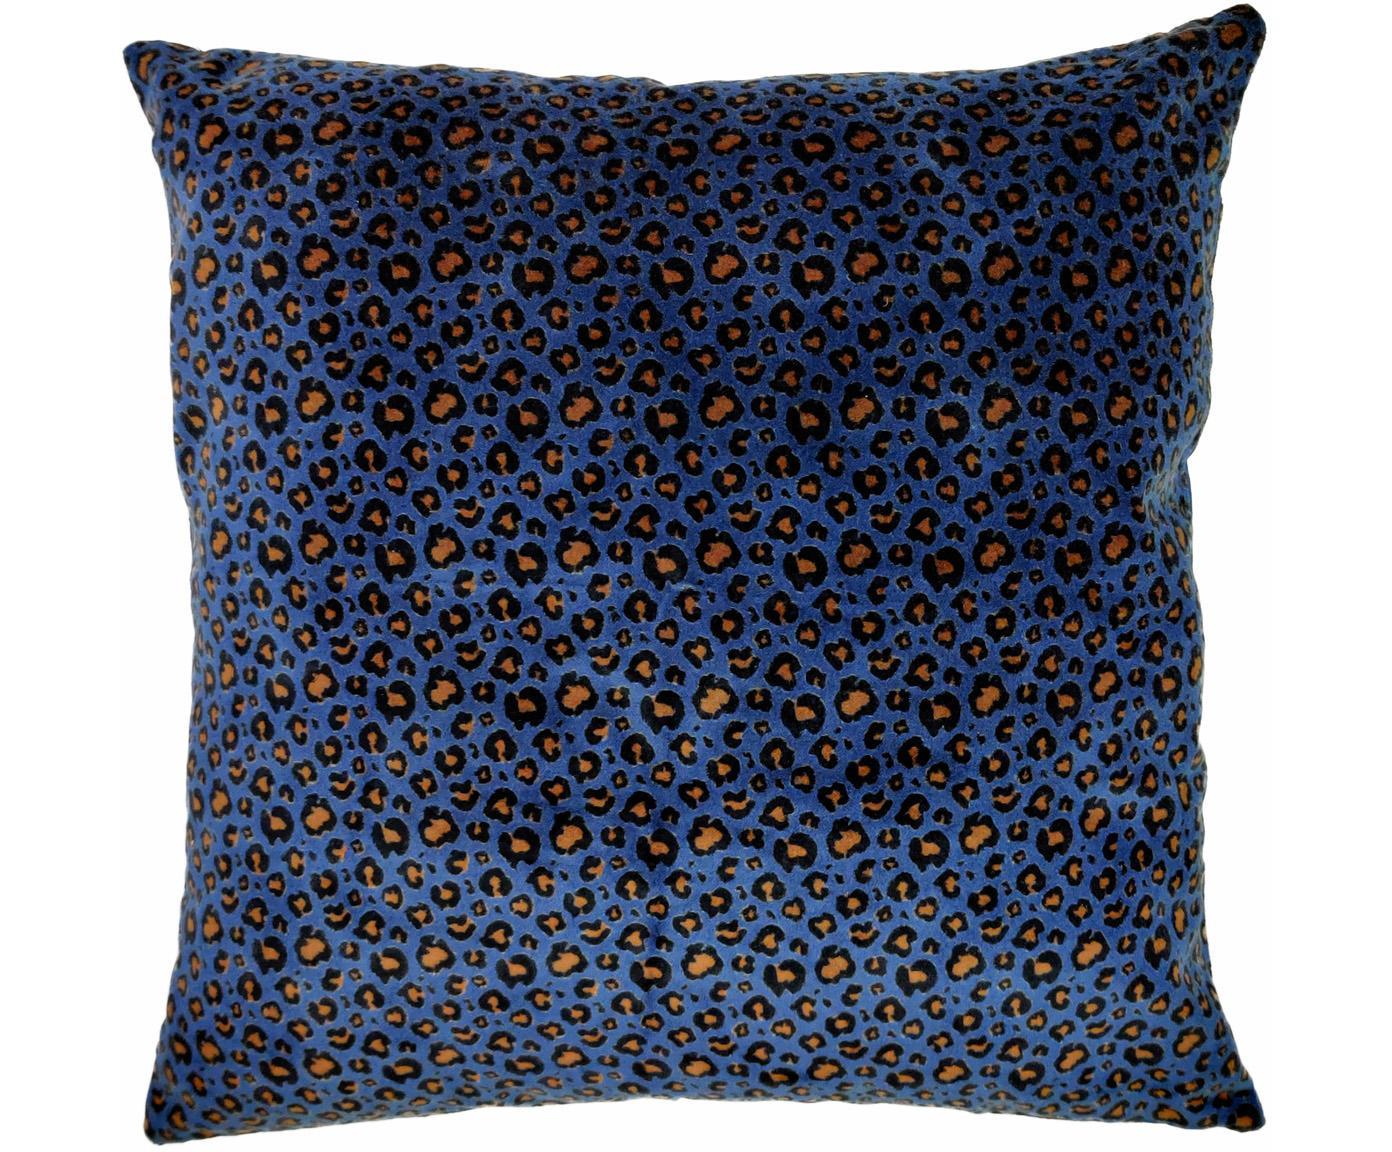 Cuscino con imbottitura Leopard, Rivestimento: 100% cotone, Blu, nero, beige, Larg. 45 x Lung. 45 cm